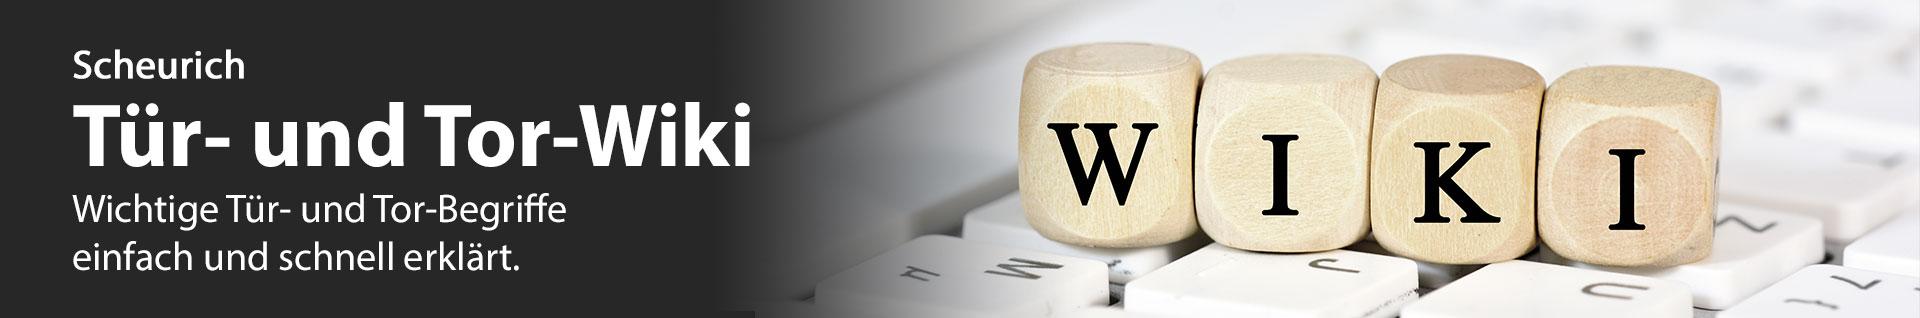 Scheurich Tür- und Tor-Wiki Banner